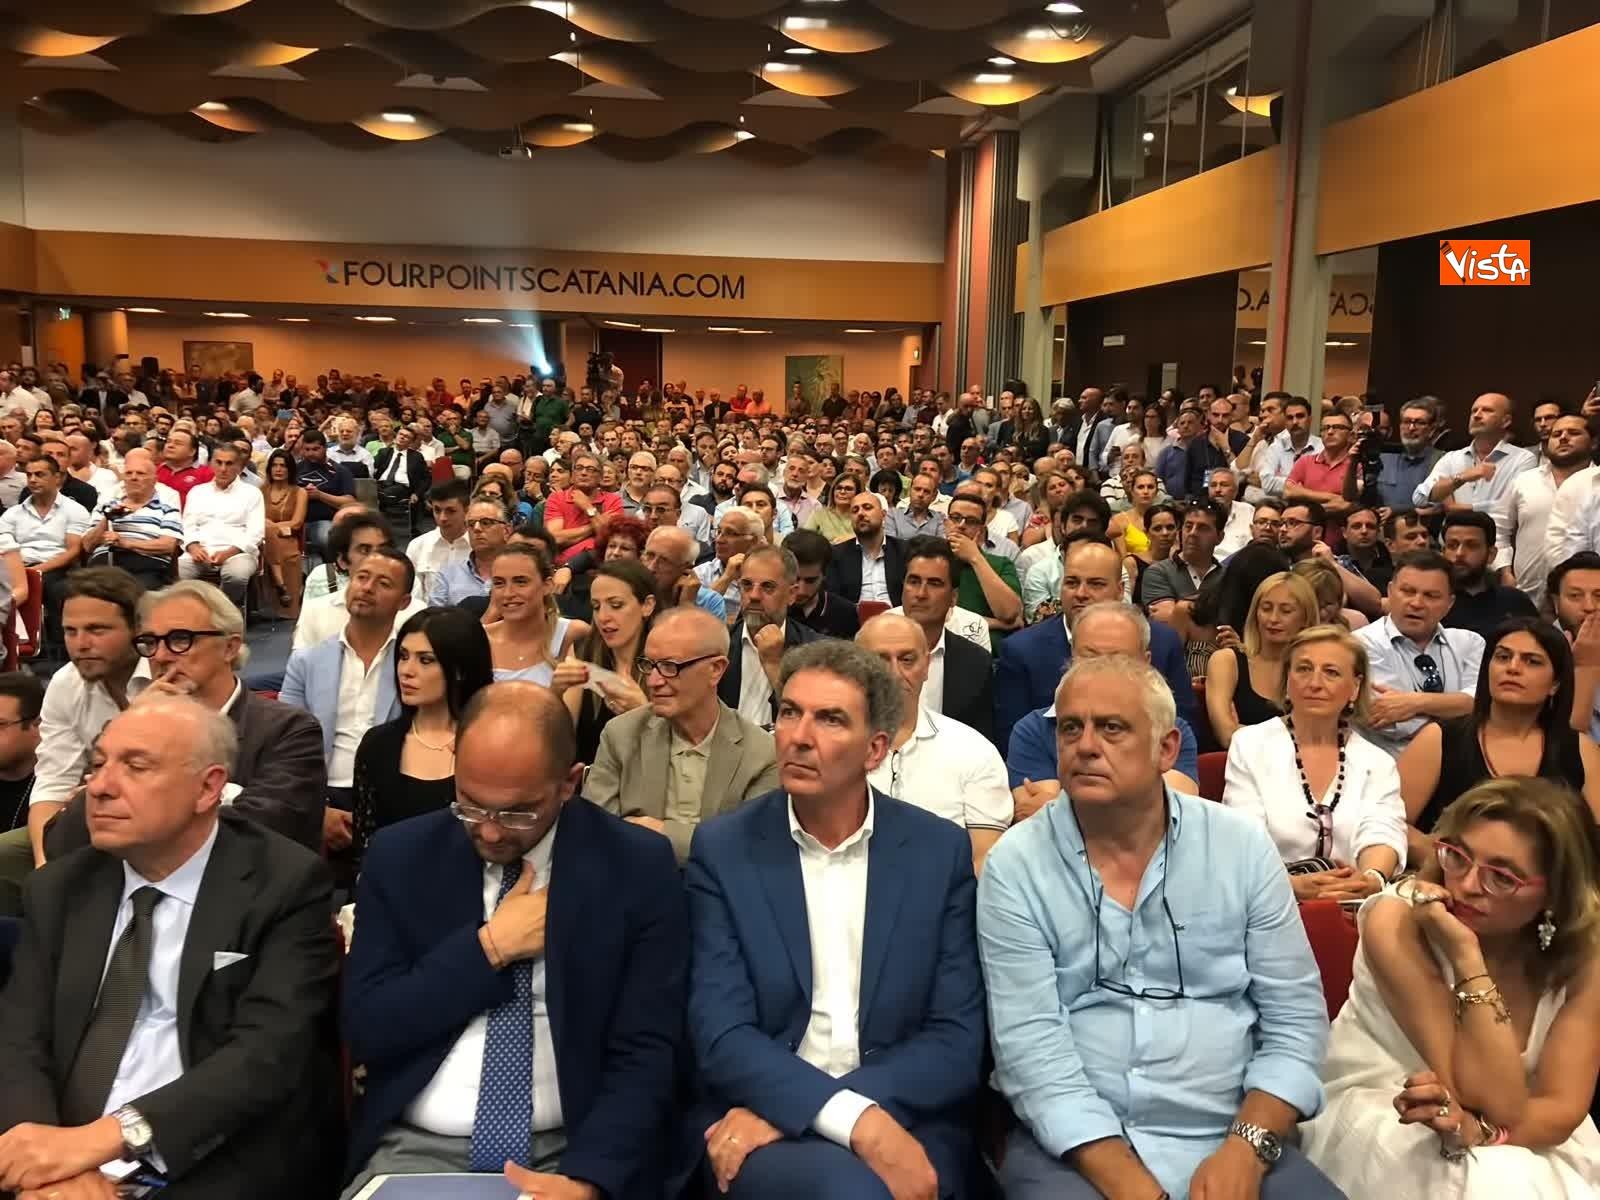 11-07-19 E sempre piu blu, Meloni ufficializza entrata a FdI del sindaco di Catania_06